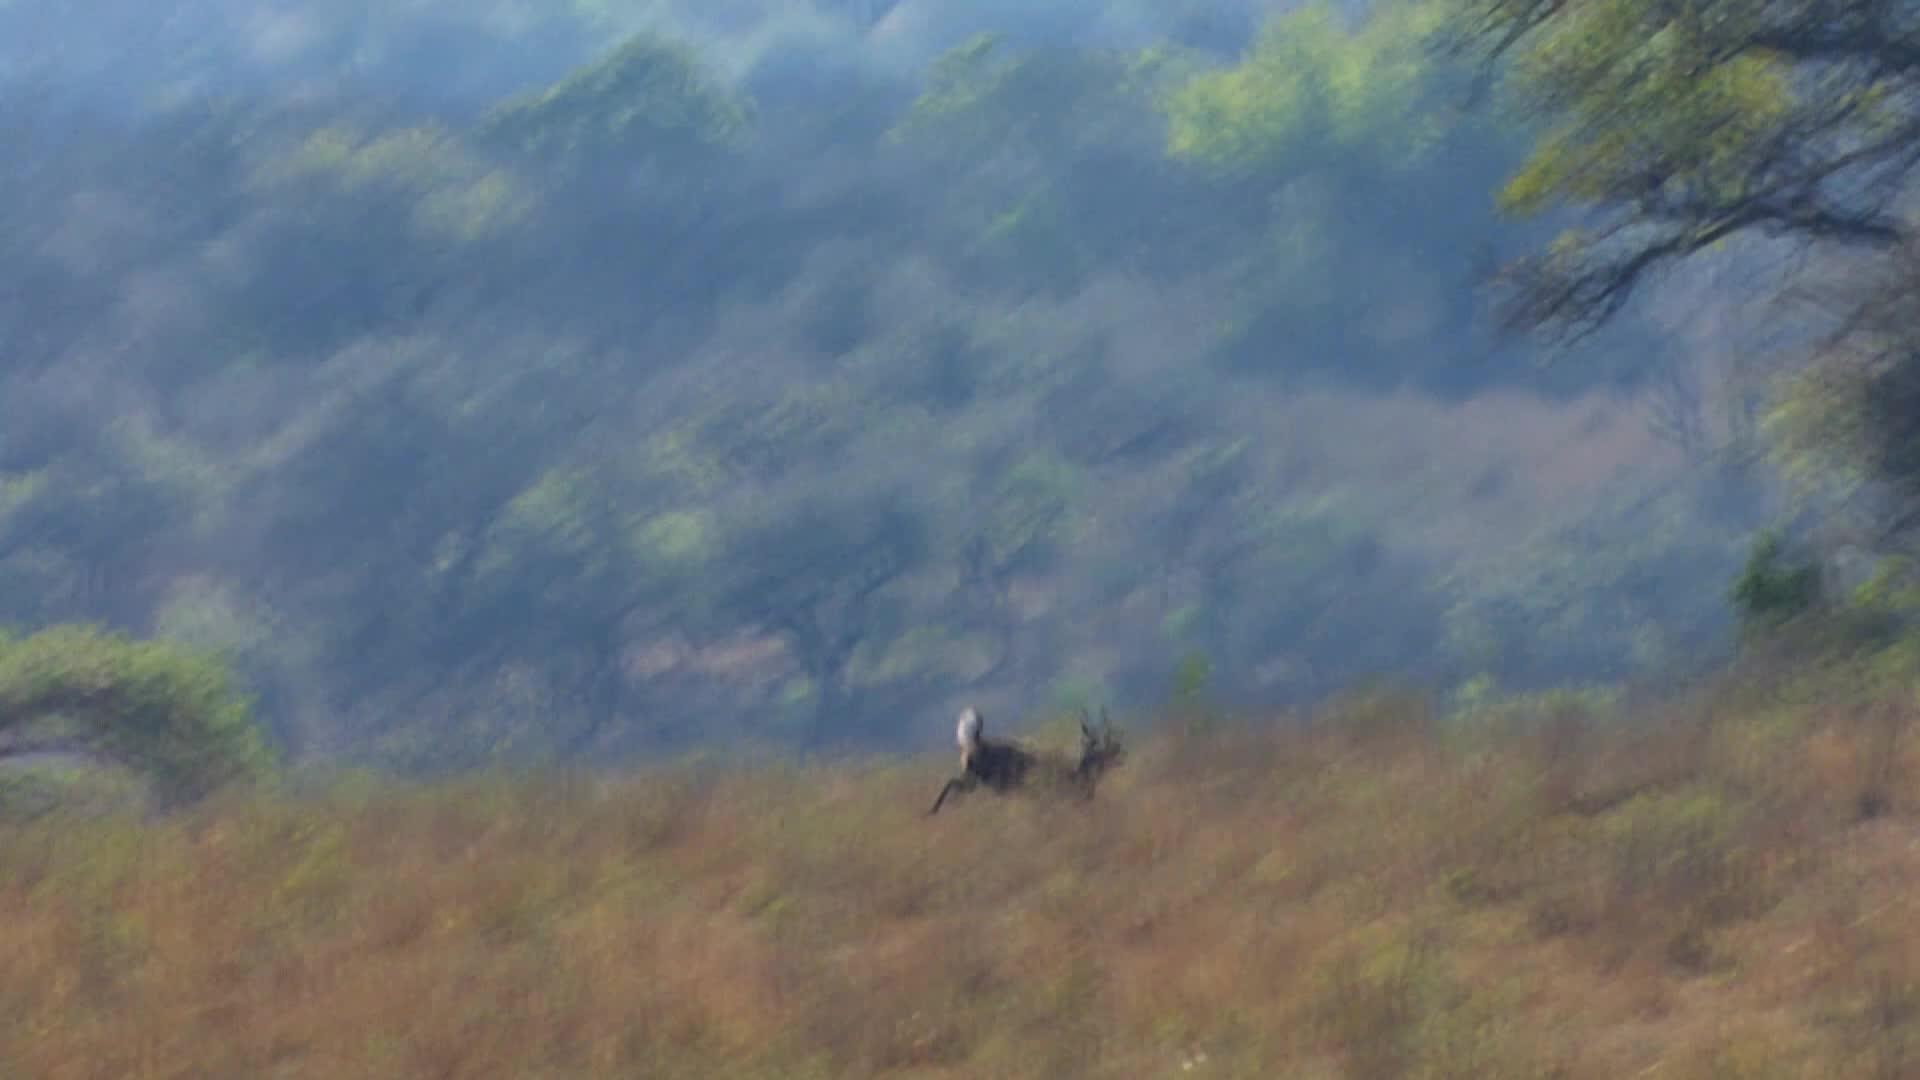 Africa: Spiral Horned Antelope